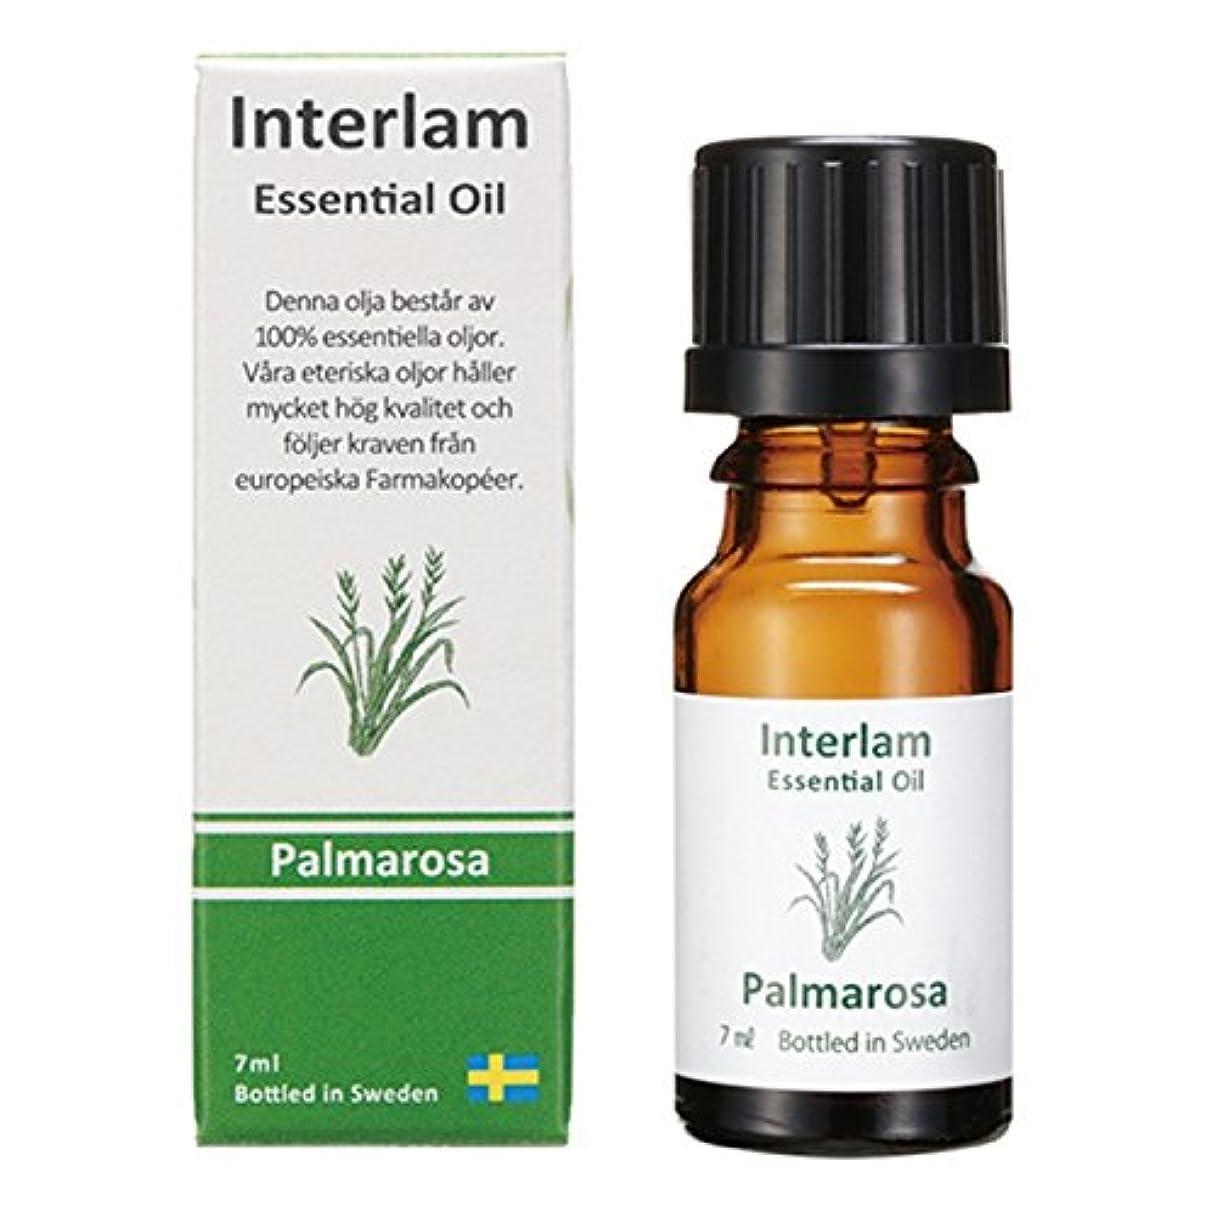 免疫寄付する必須大香 Interlam エッセンシャルオイル パルマローザ 7ml 27mm×27mm×75mm